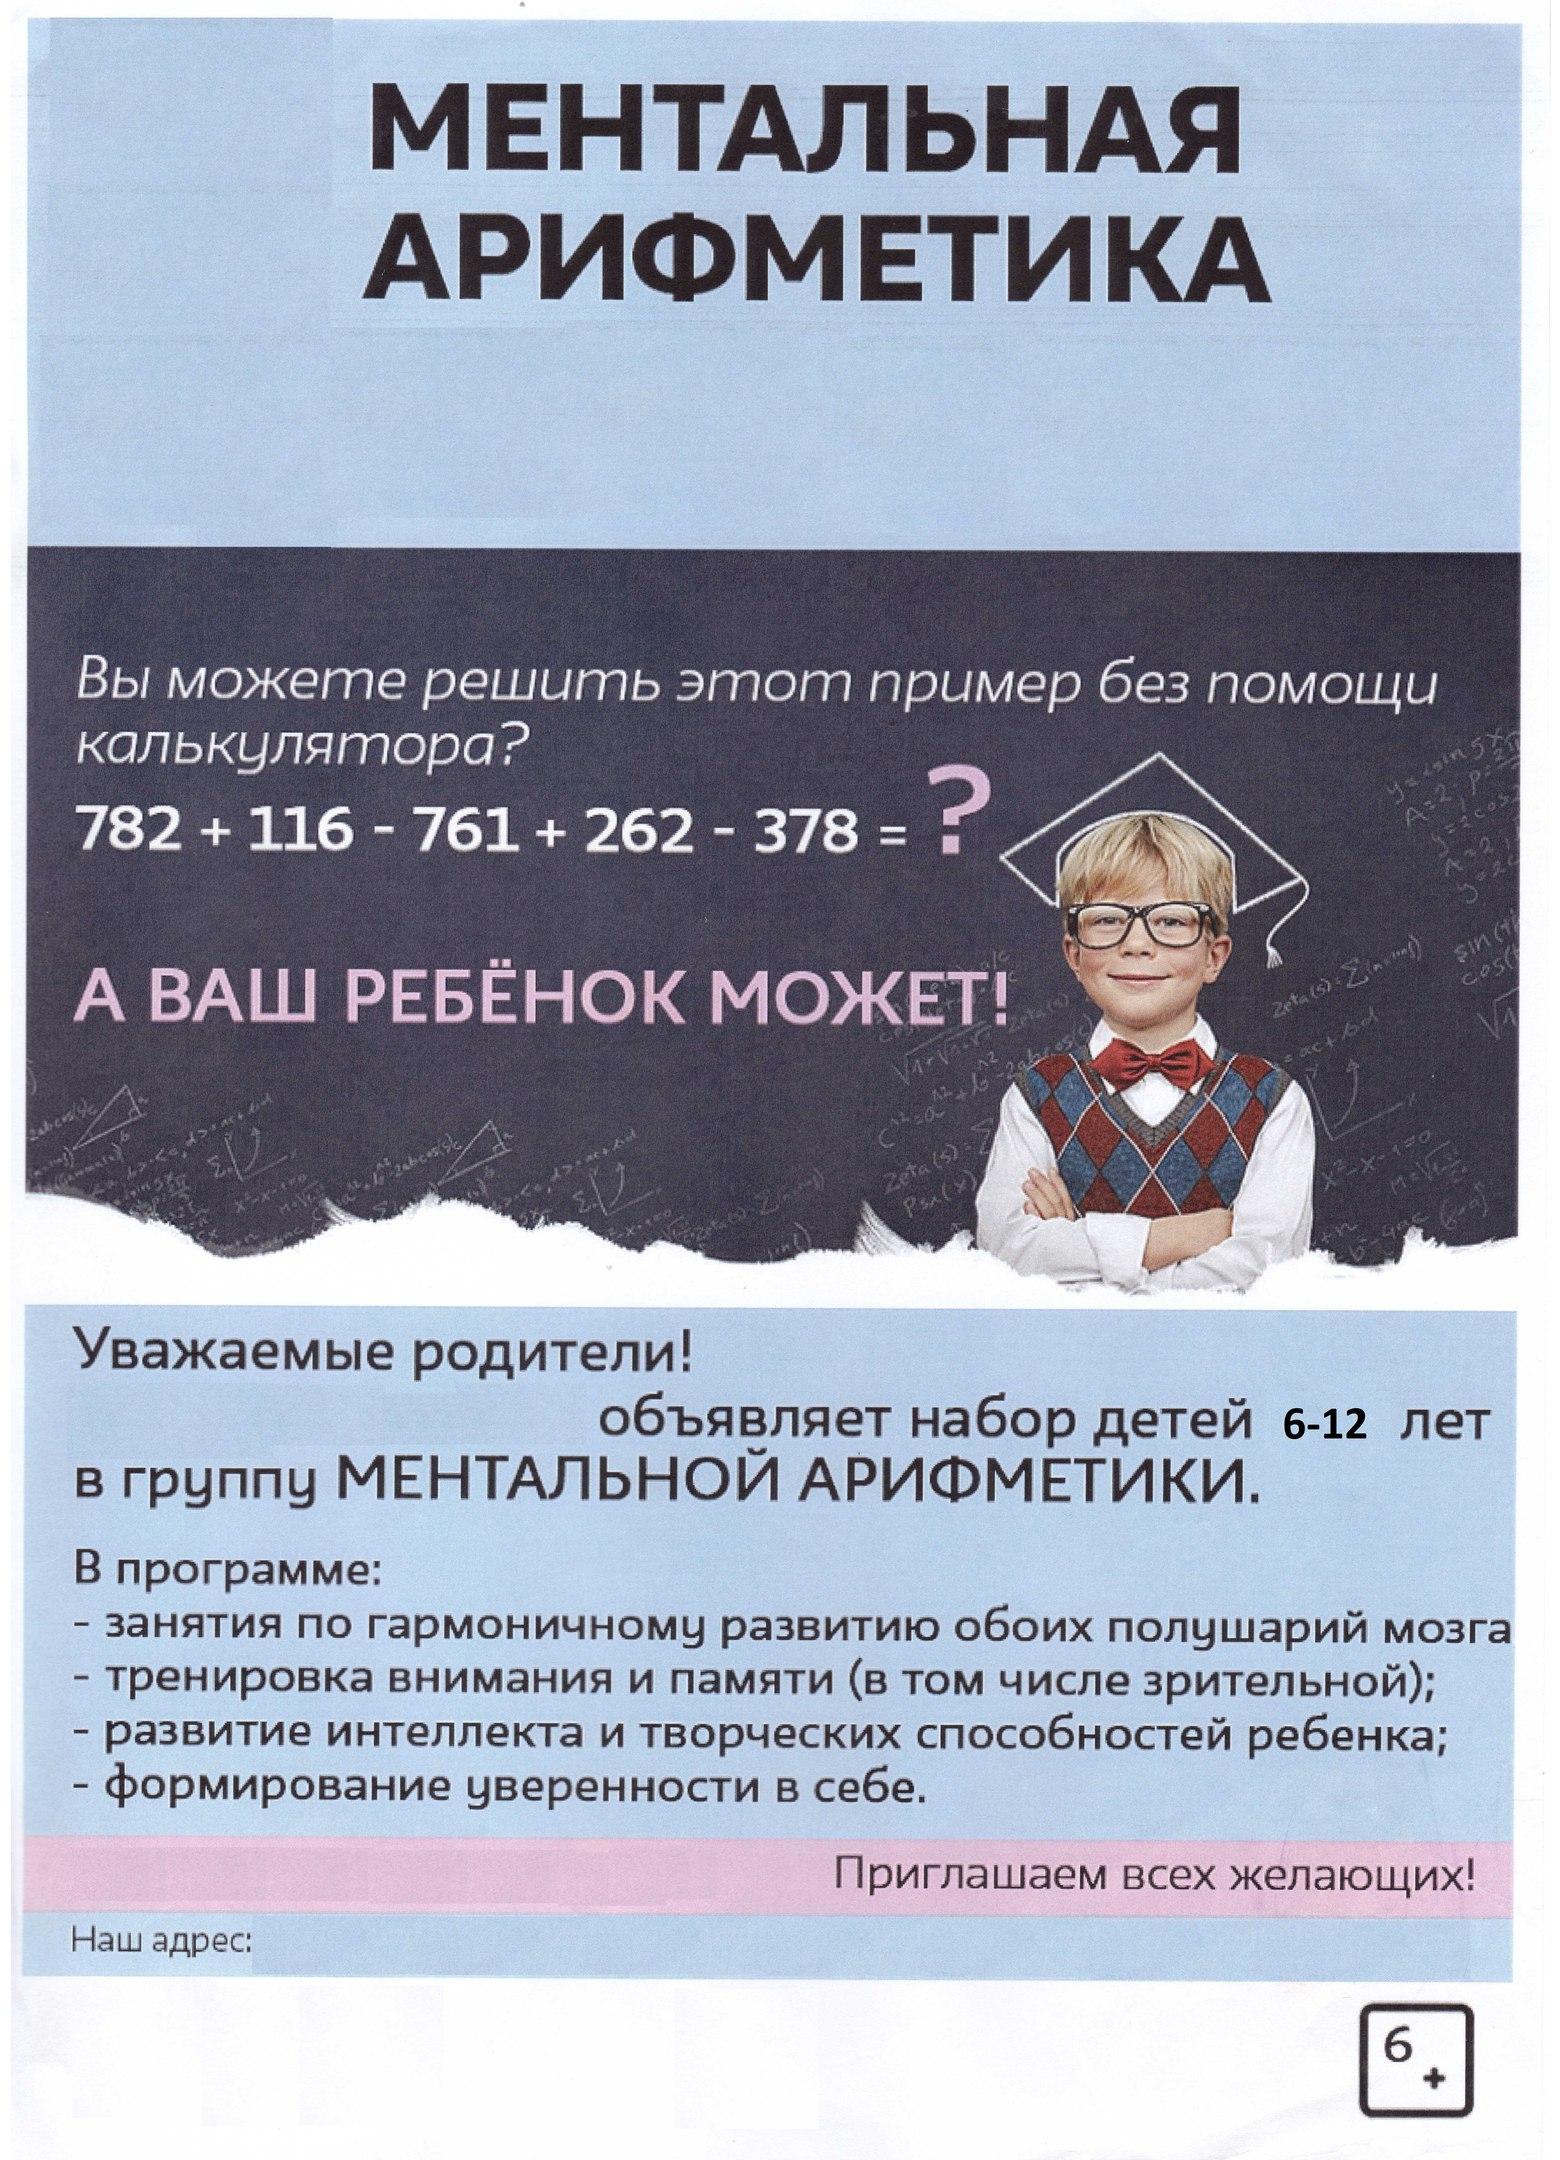 «считают вслух, но не умеют мыслить и дружить». почему отдать ребенка на ментальную арифметику — спорная идея | православие и мир